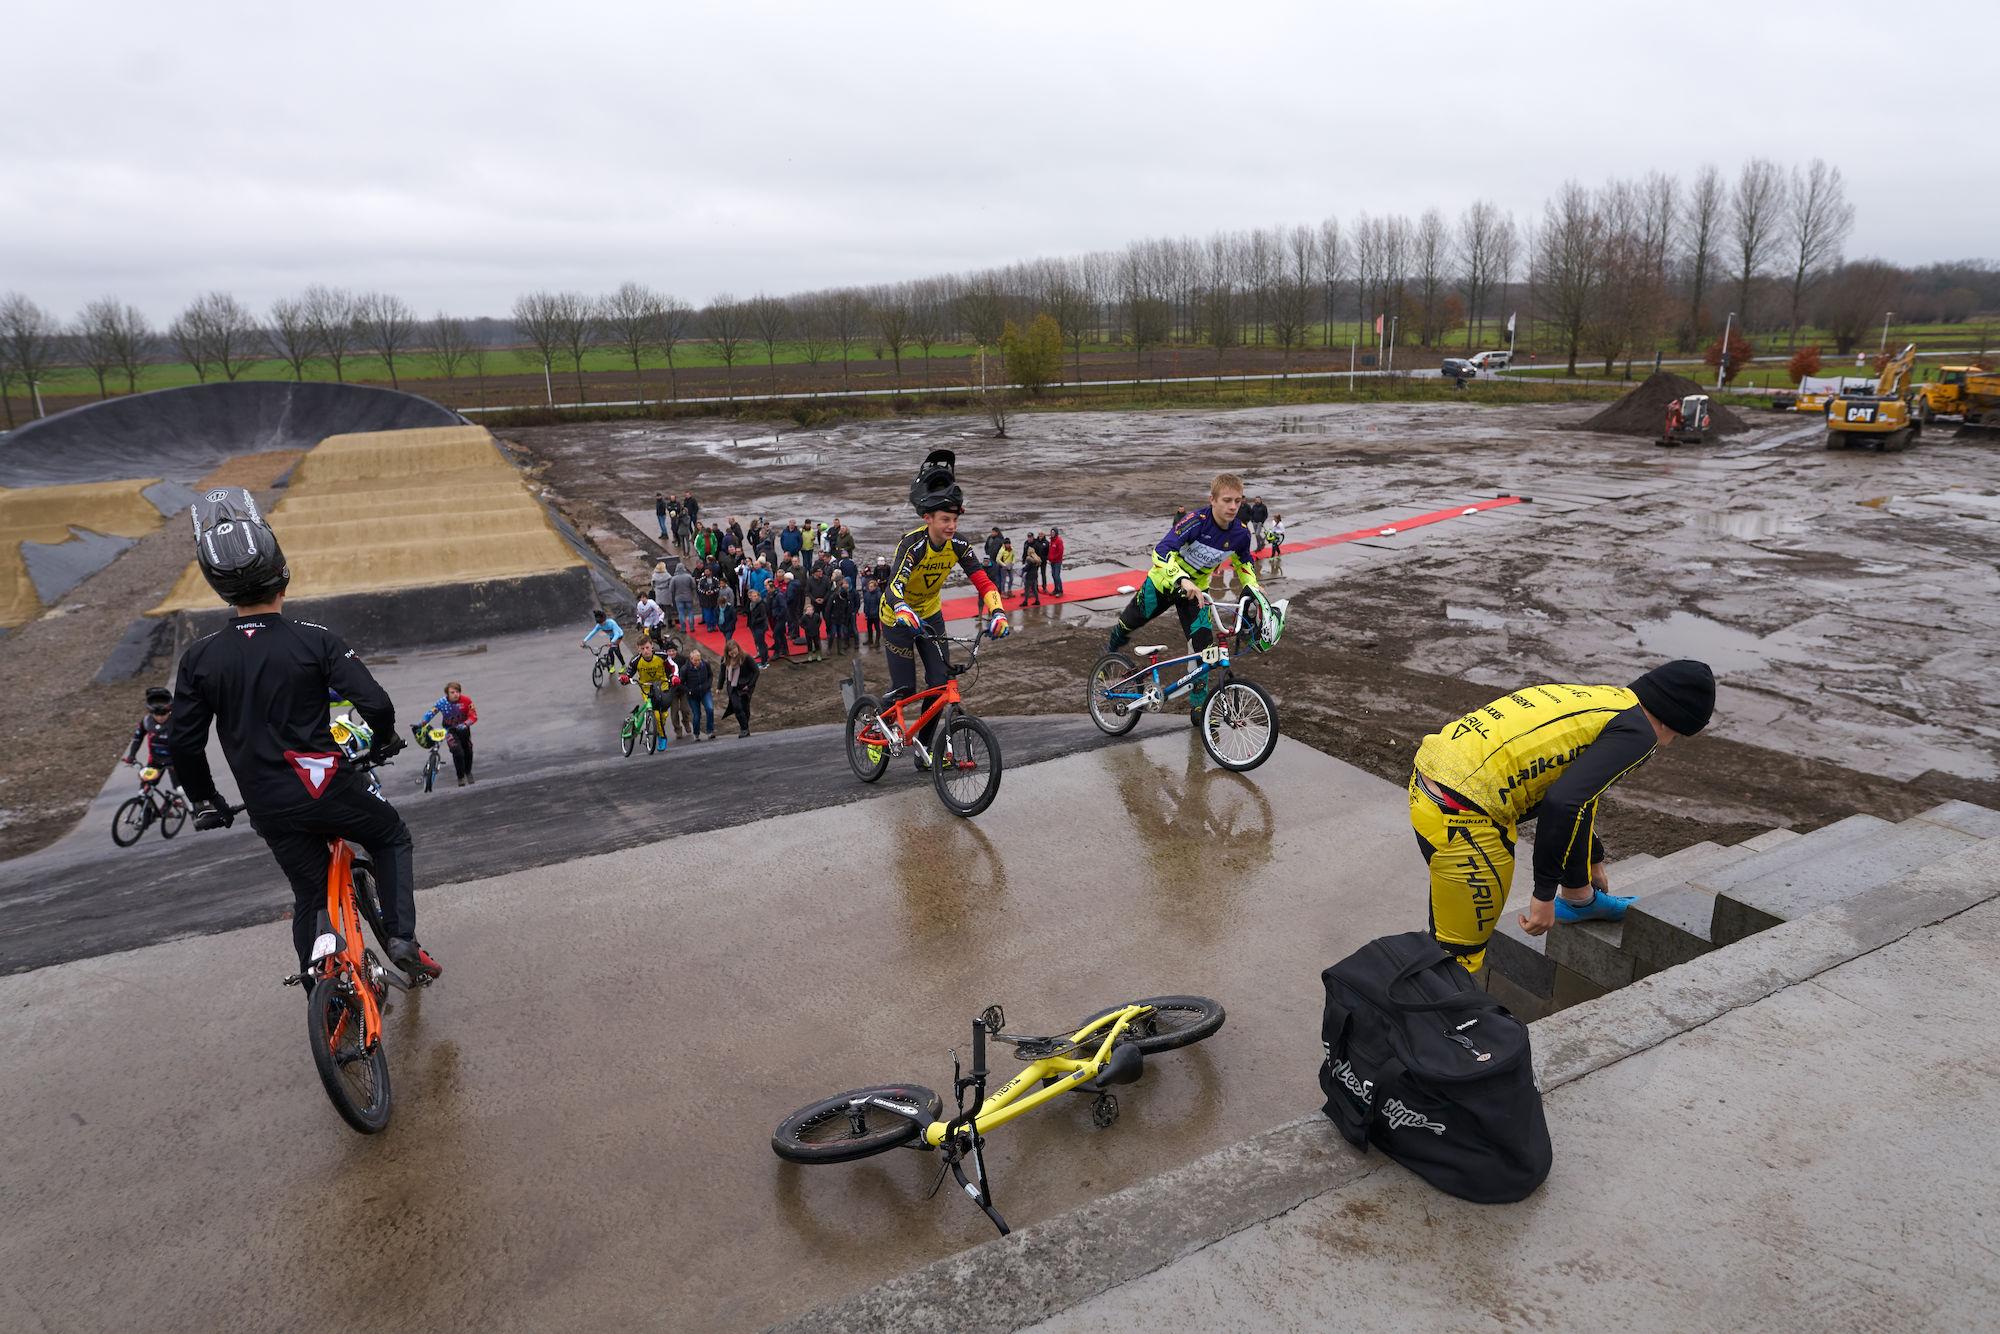 20181128_Puyenbroeck_officiele opening BMX parcour (43).jpg